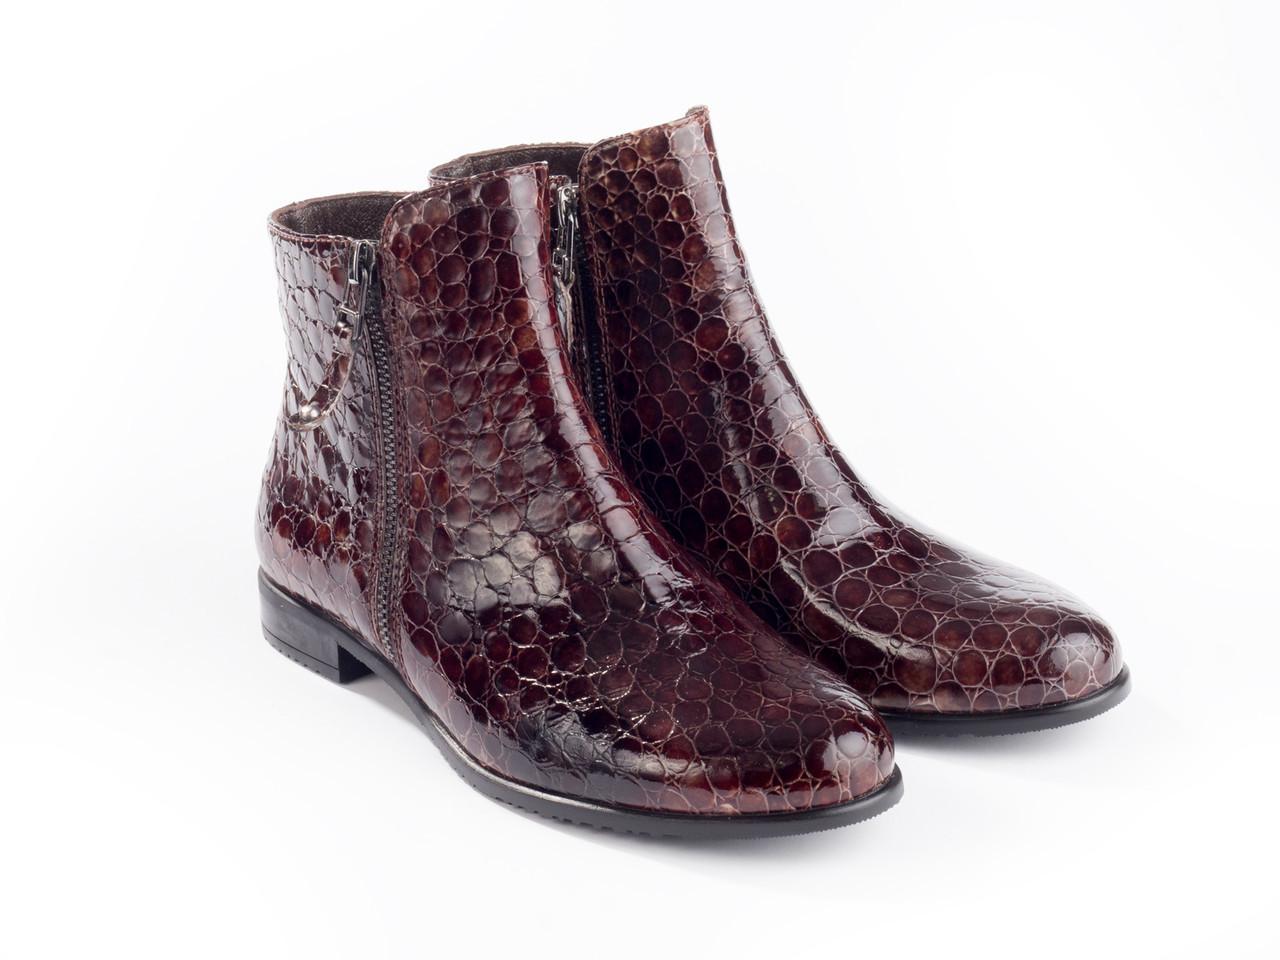 Ботинки Etor 5828-51046-19 40 коричневые